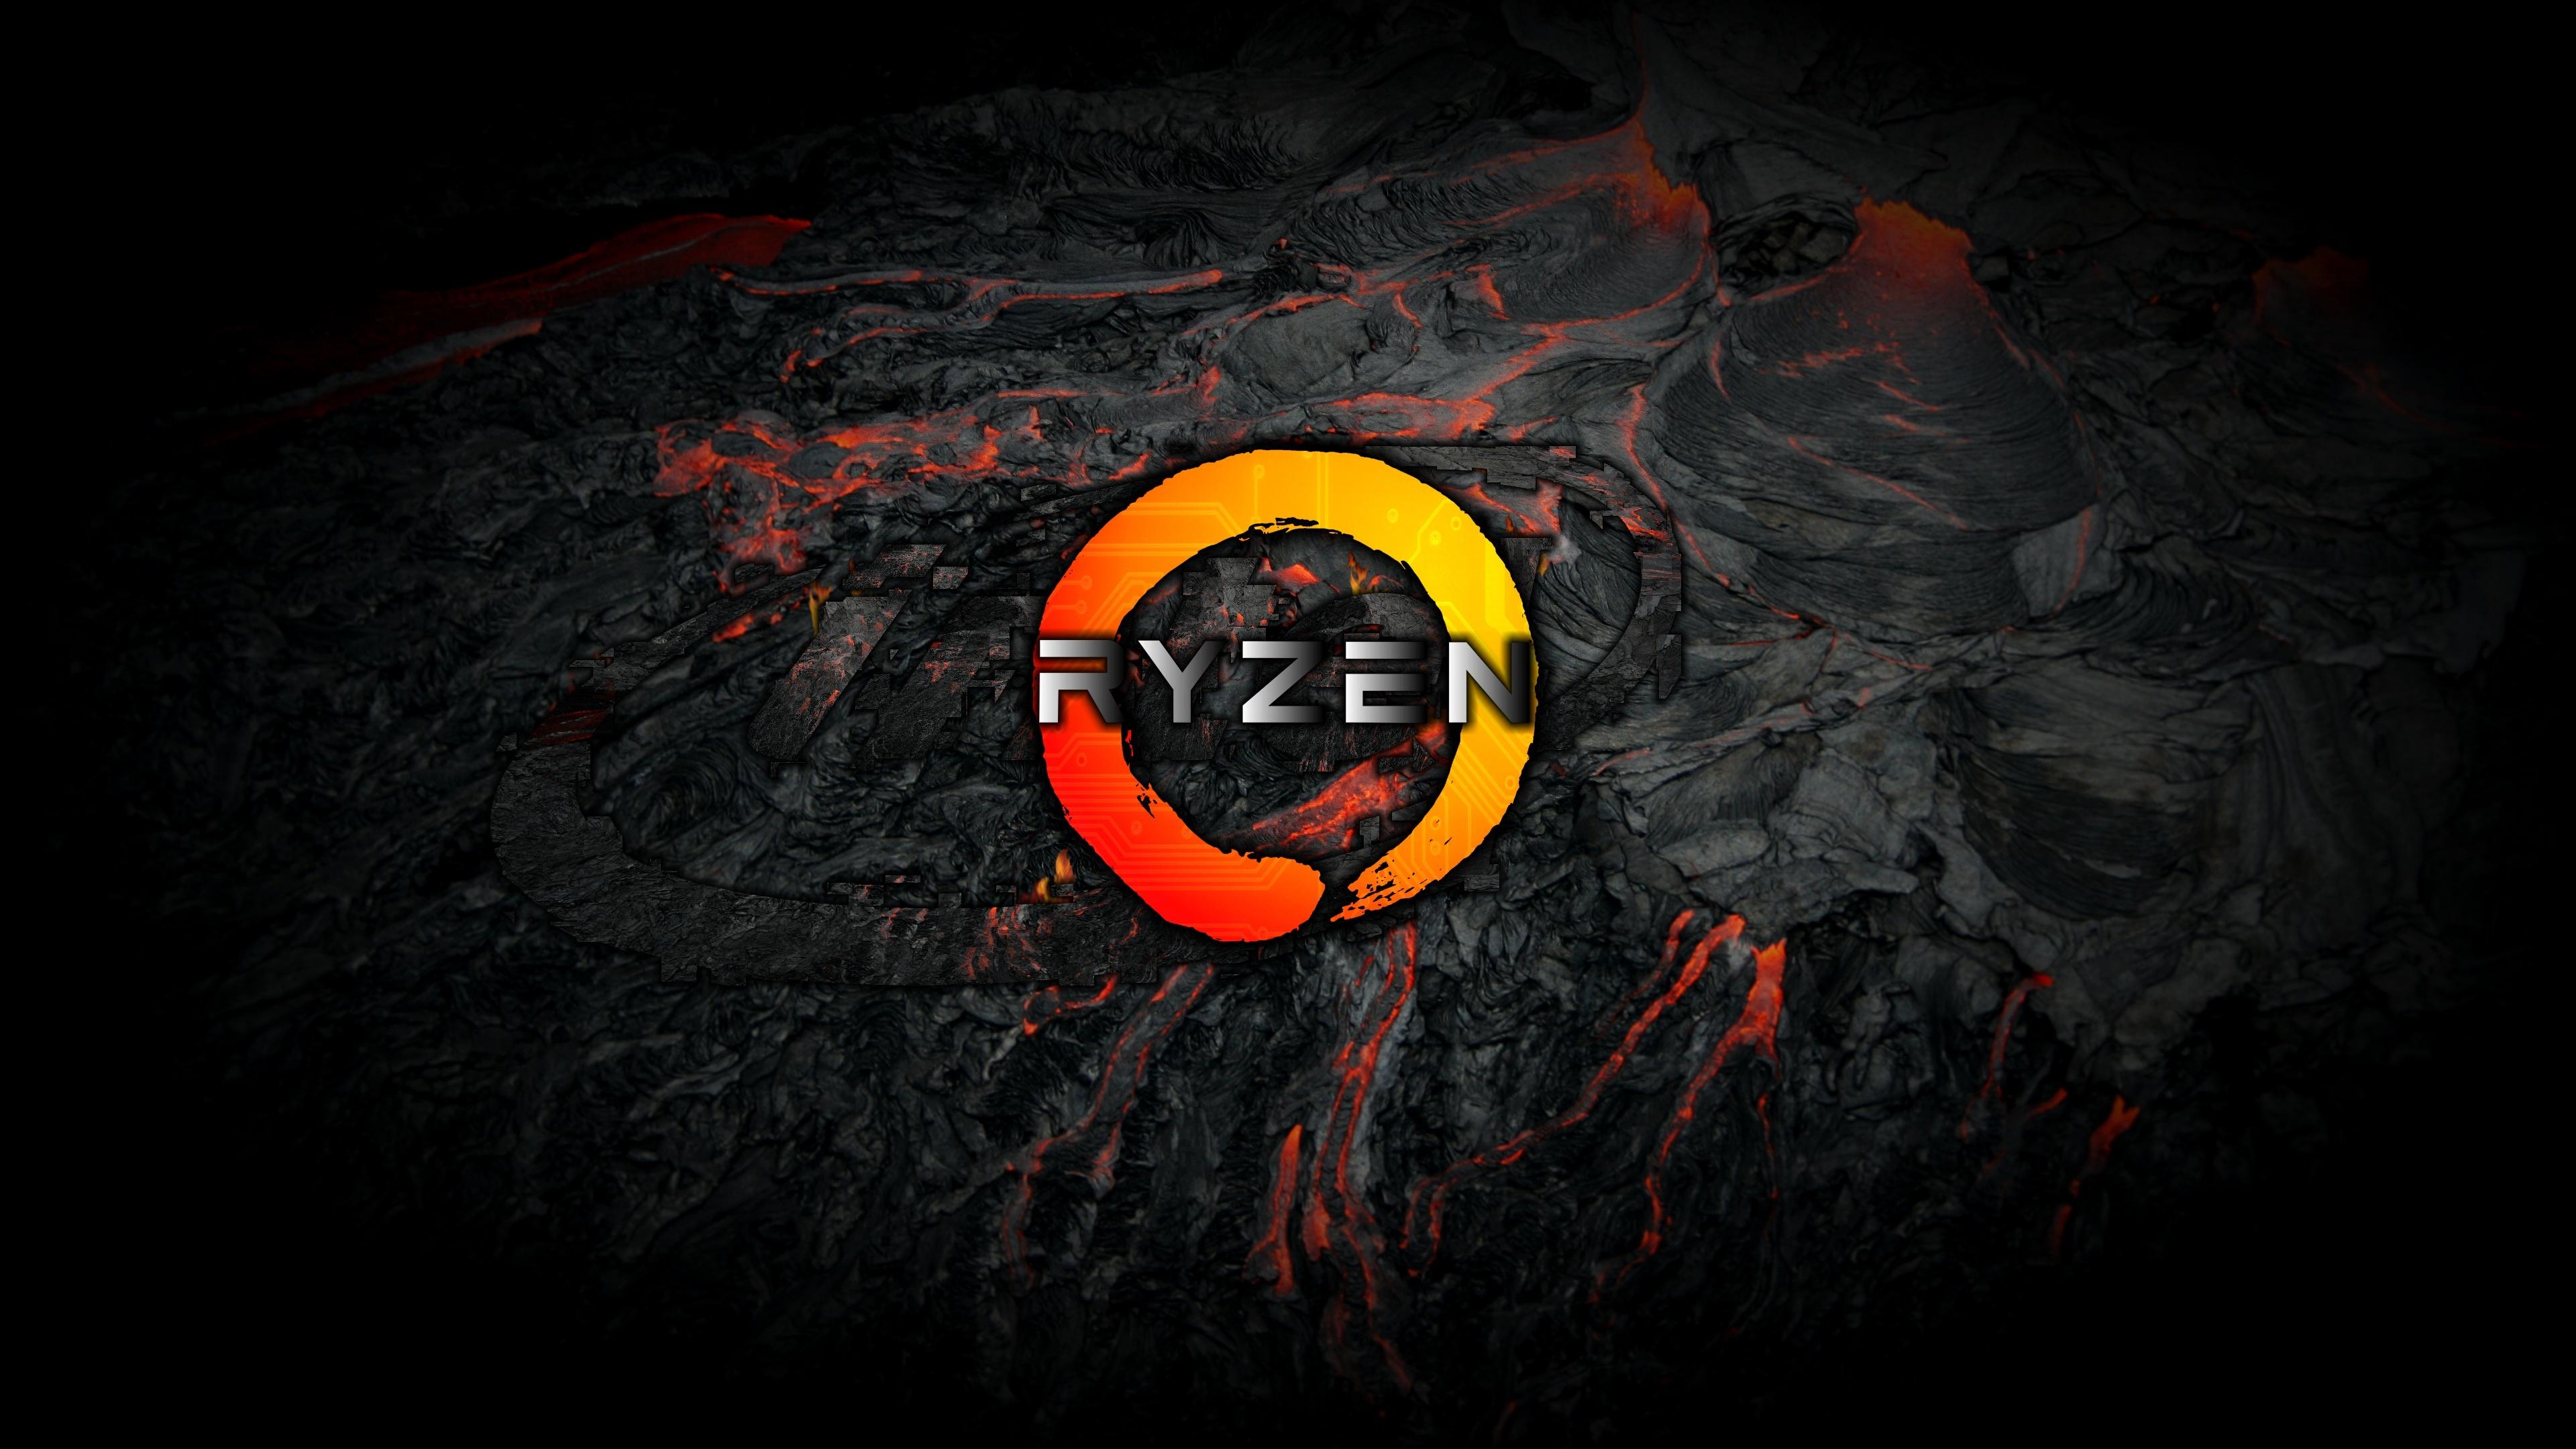 amd-logo-ryzen-4k-nc.jpg